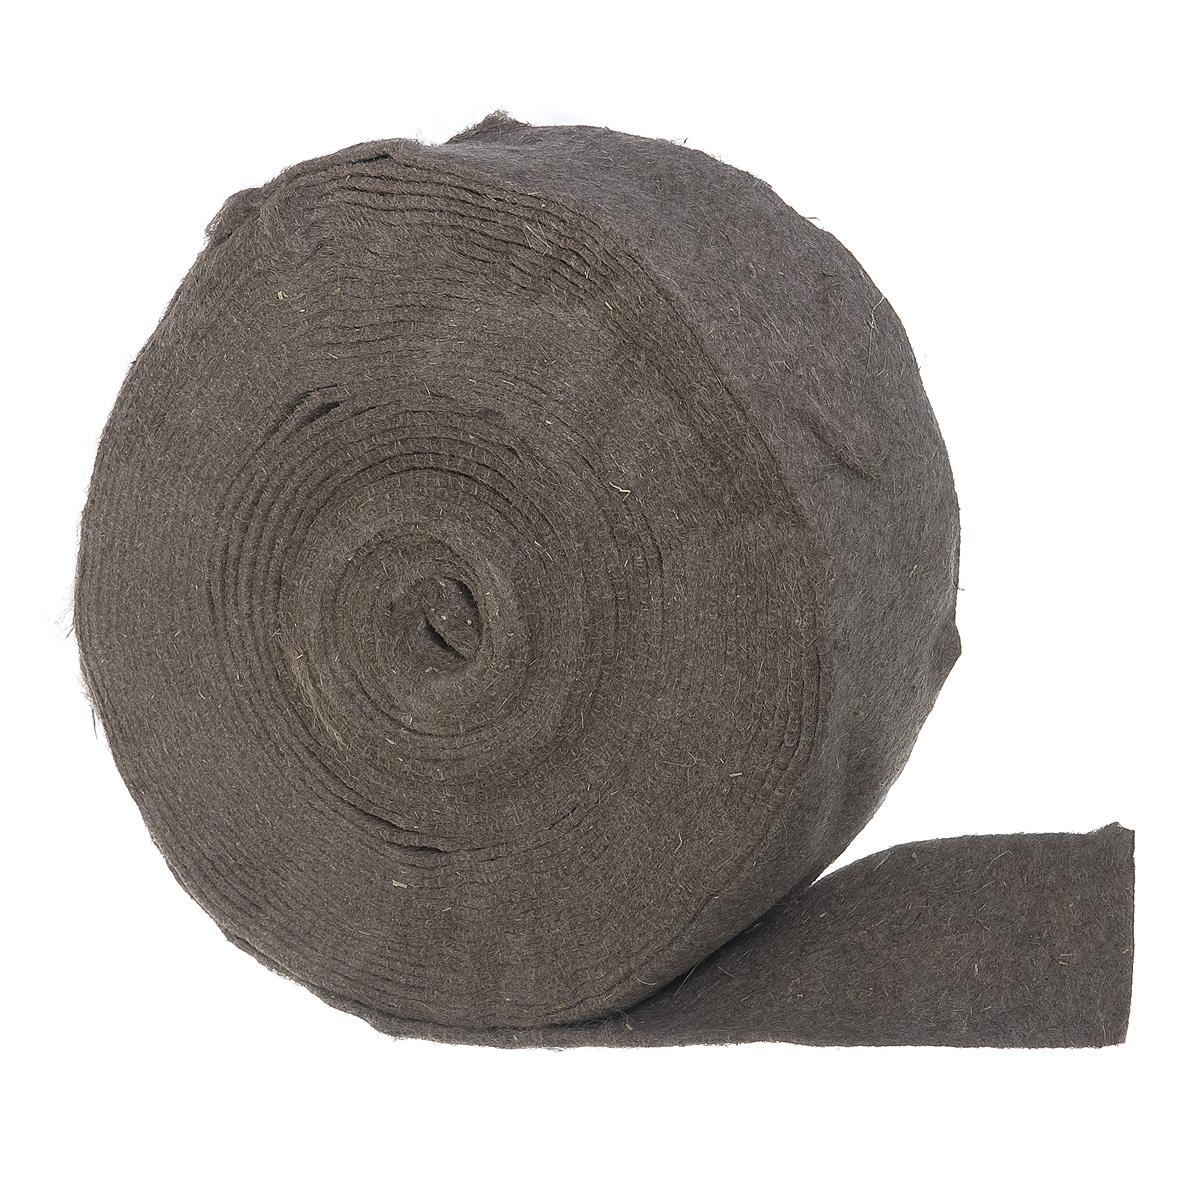 Утеплитель межвенцовый (уплотнитель) льняной 5-6 мм 0,15х20 м